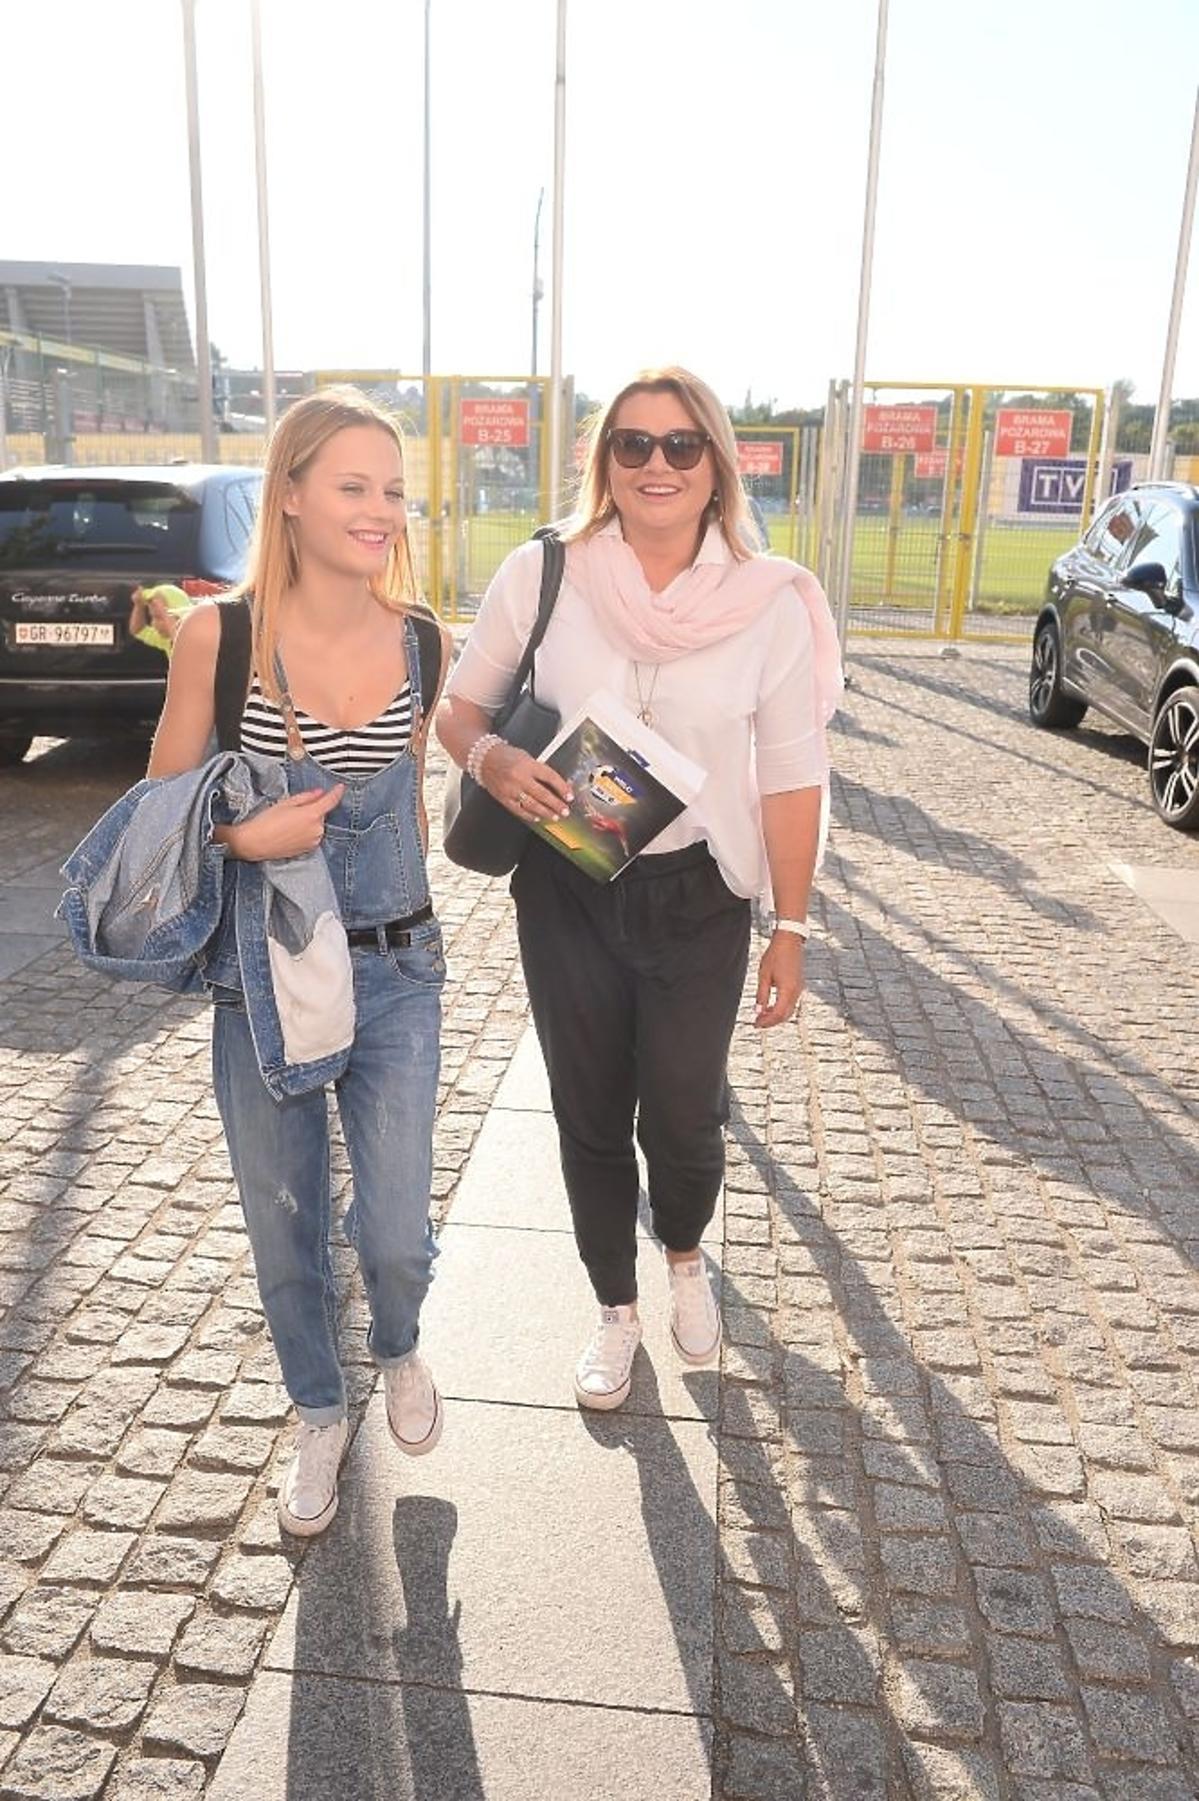 Dziewczyna Antka Królikowskiego Kasia Sawczuk z jego mamą Malgorzatą Ostrowską-Królikowską na meczy TVP kontraTVN